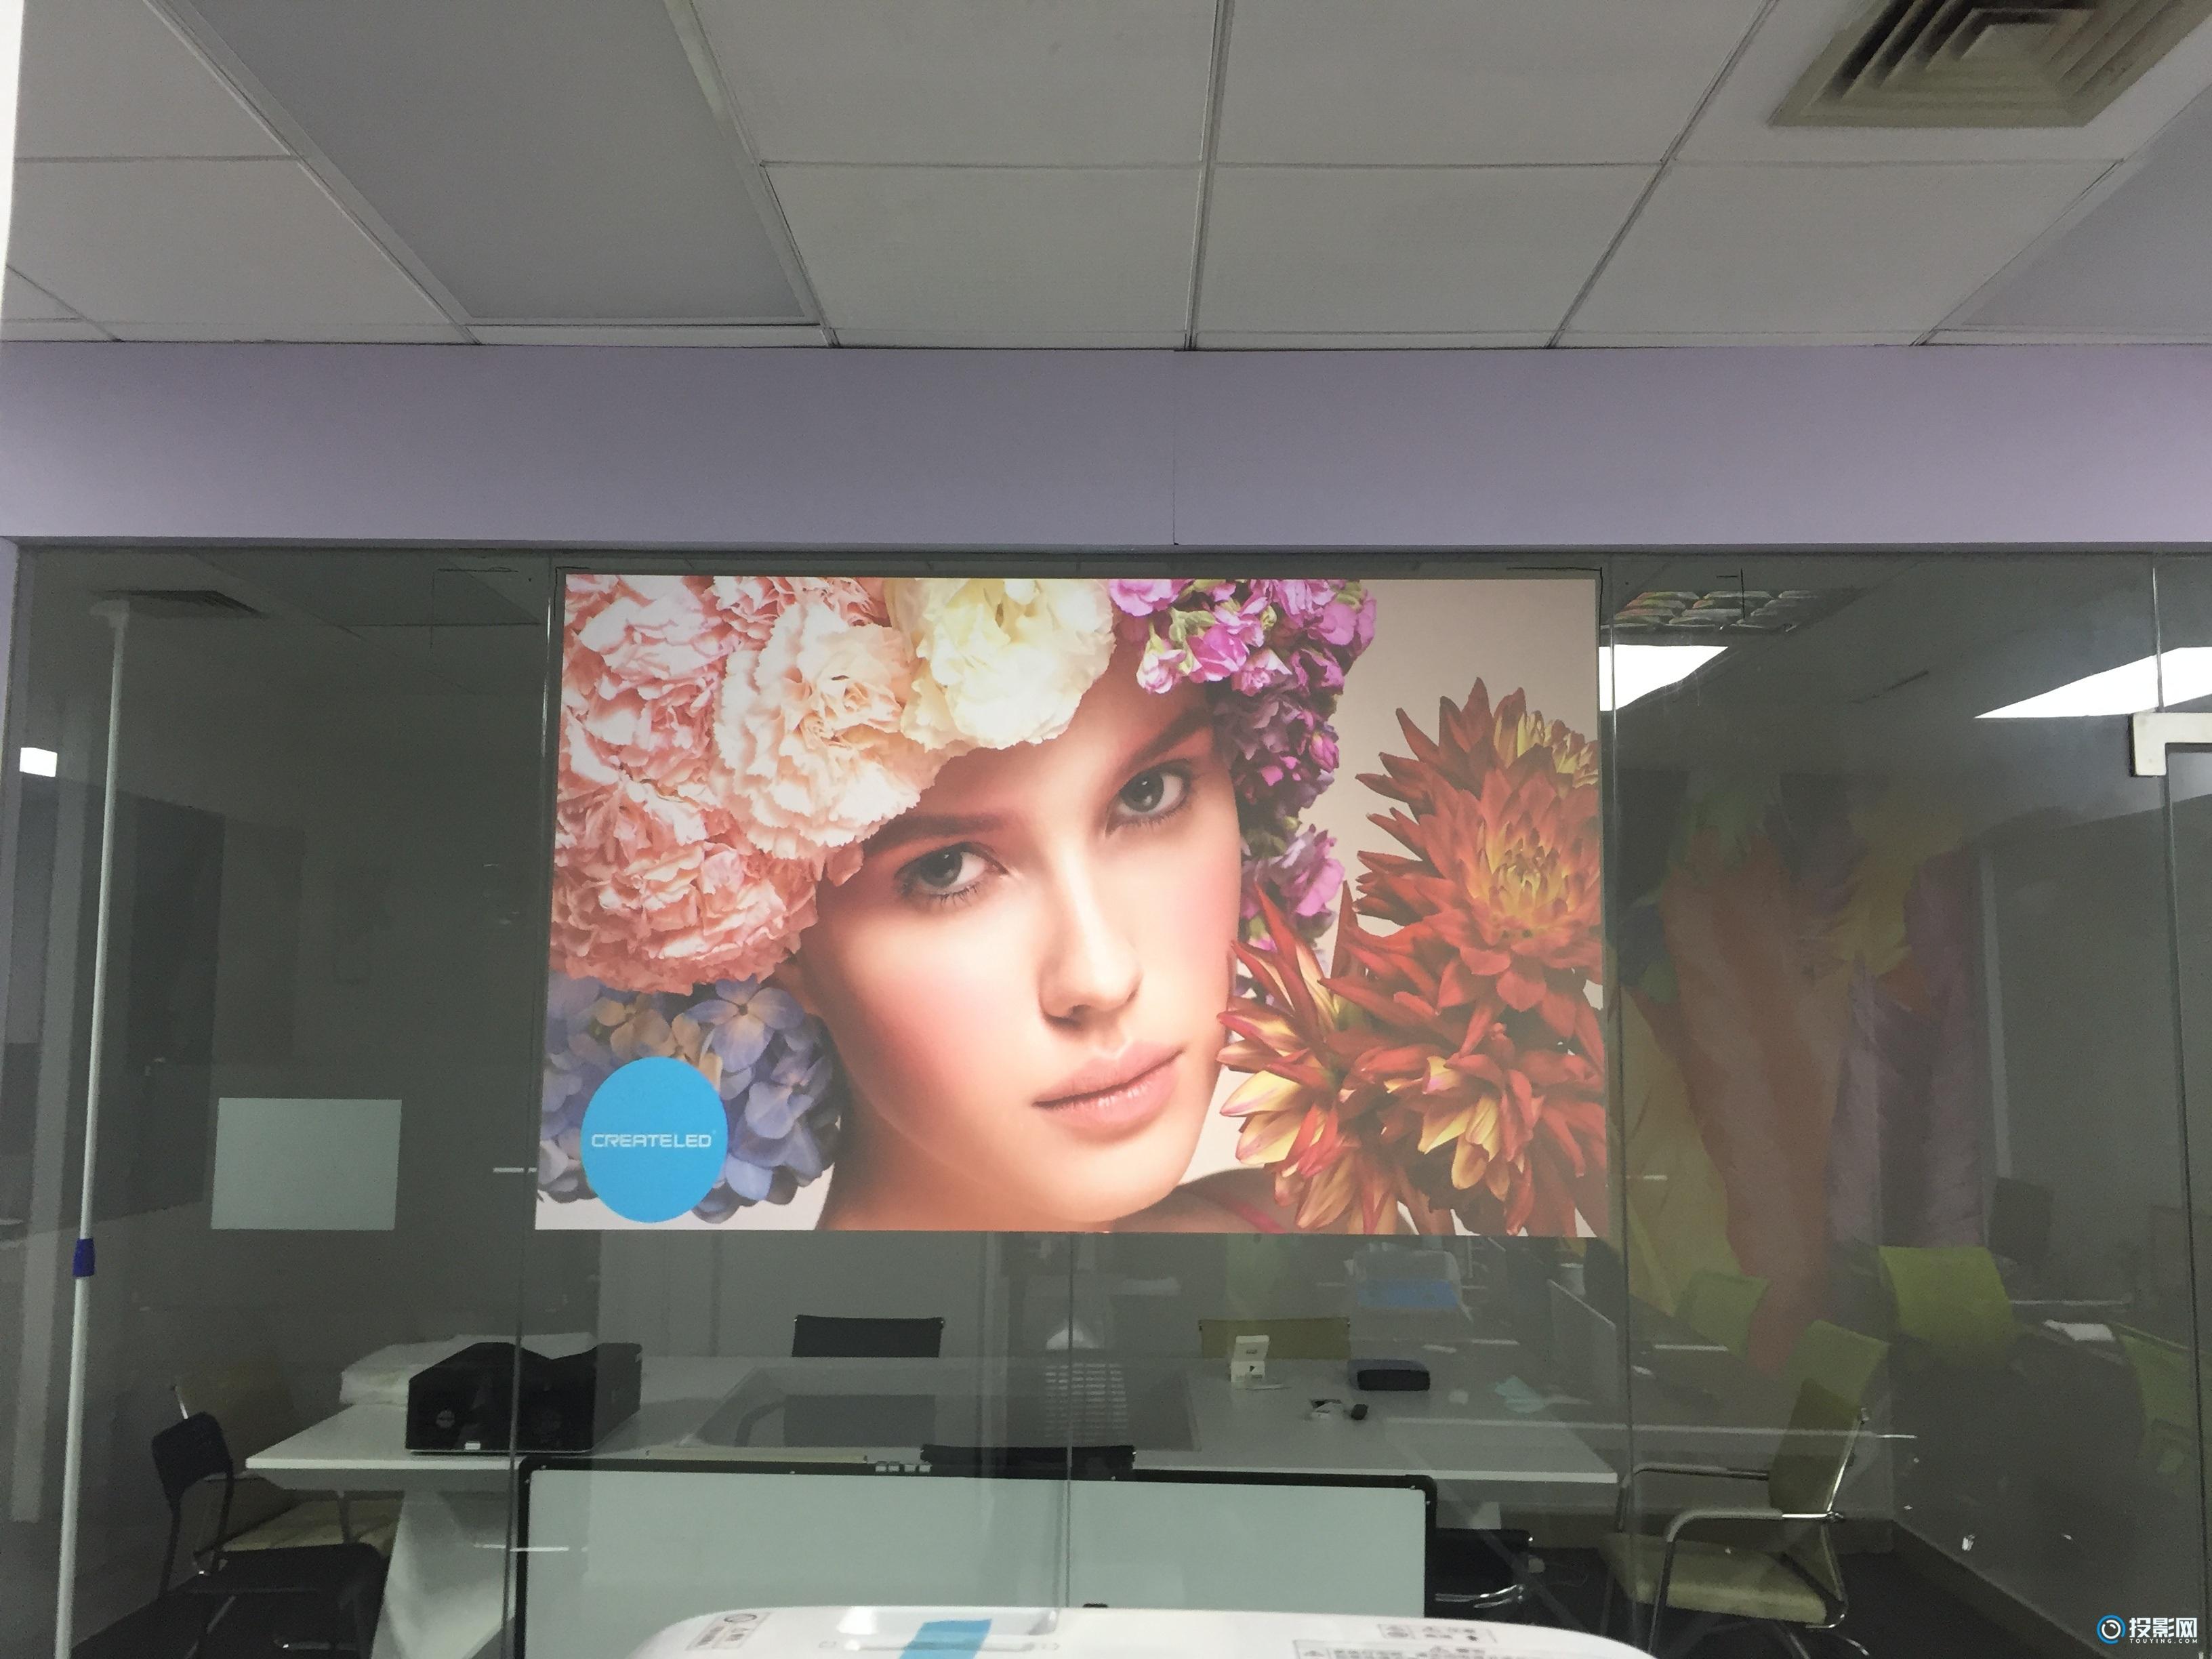 投影技术运用在商业橱窗展示效果不再是凭空想象